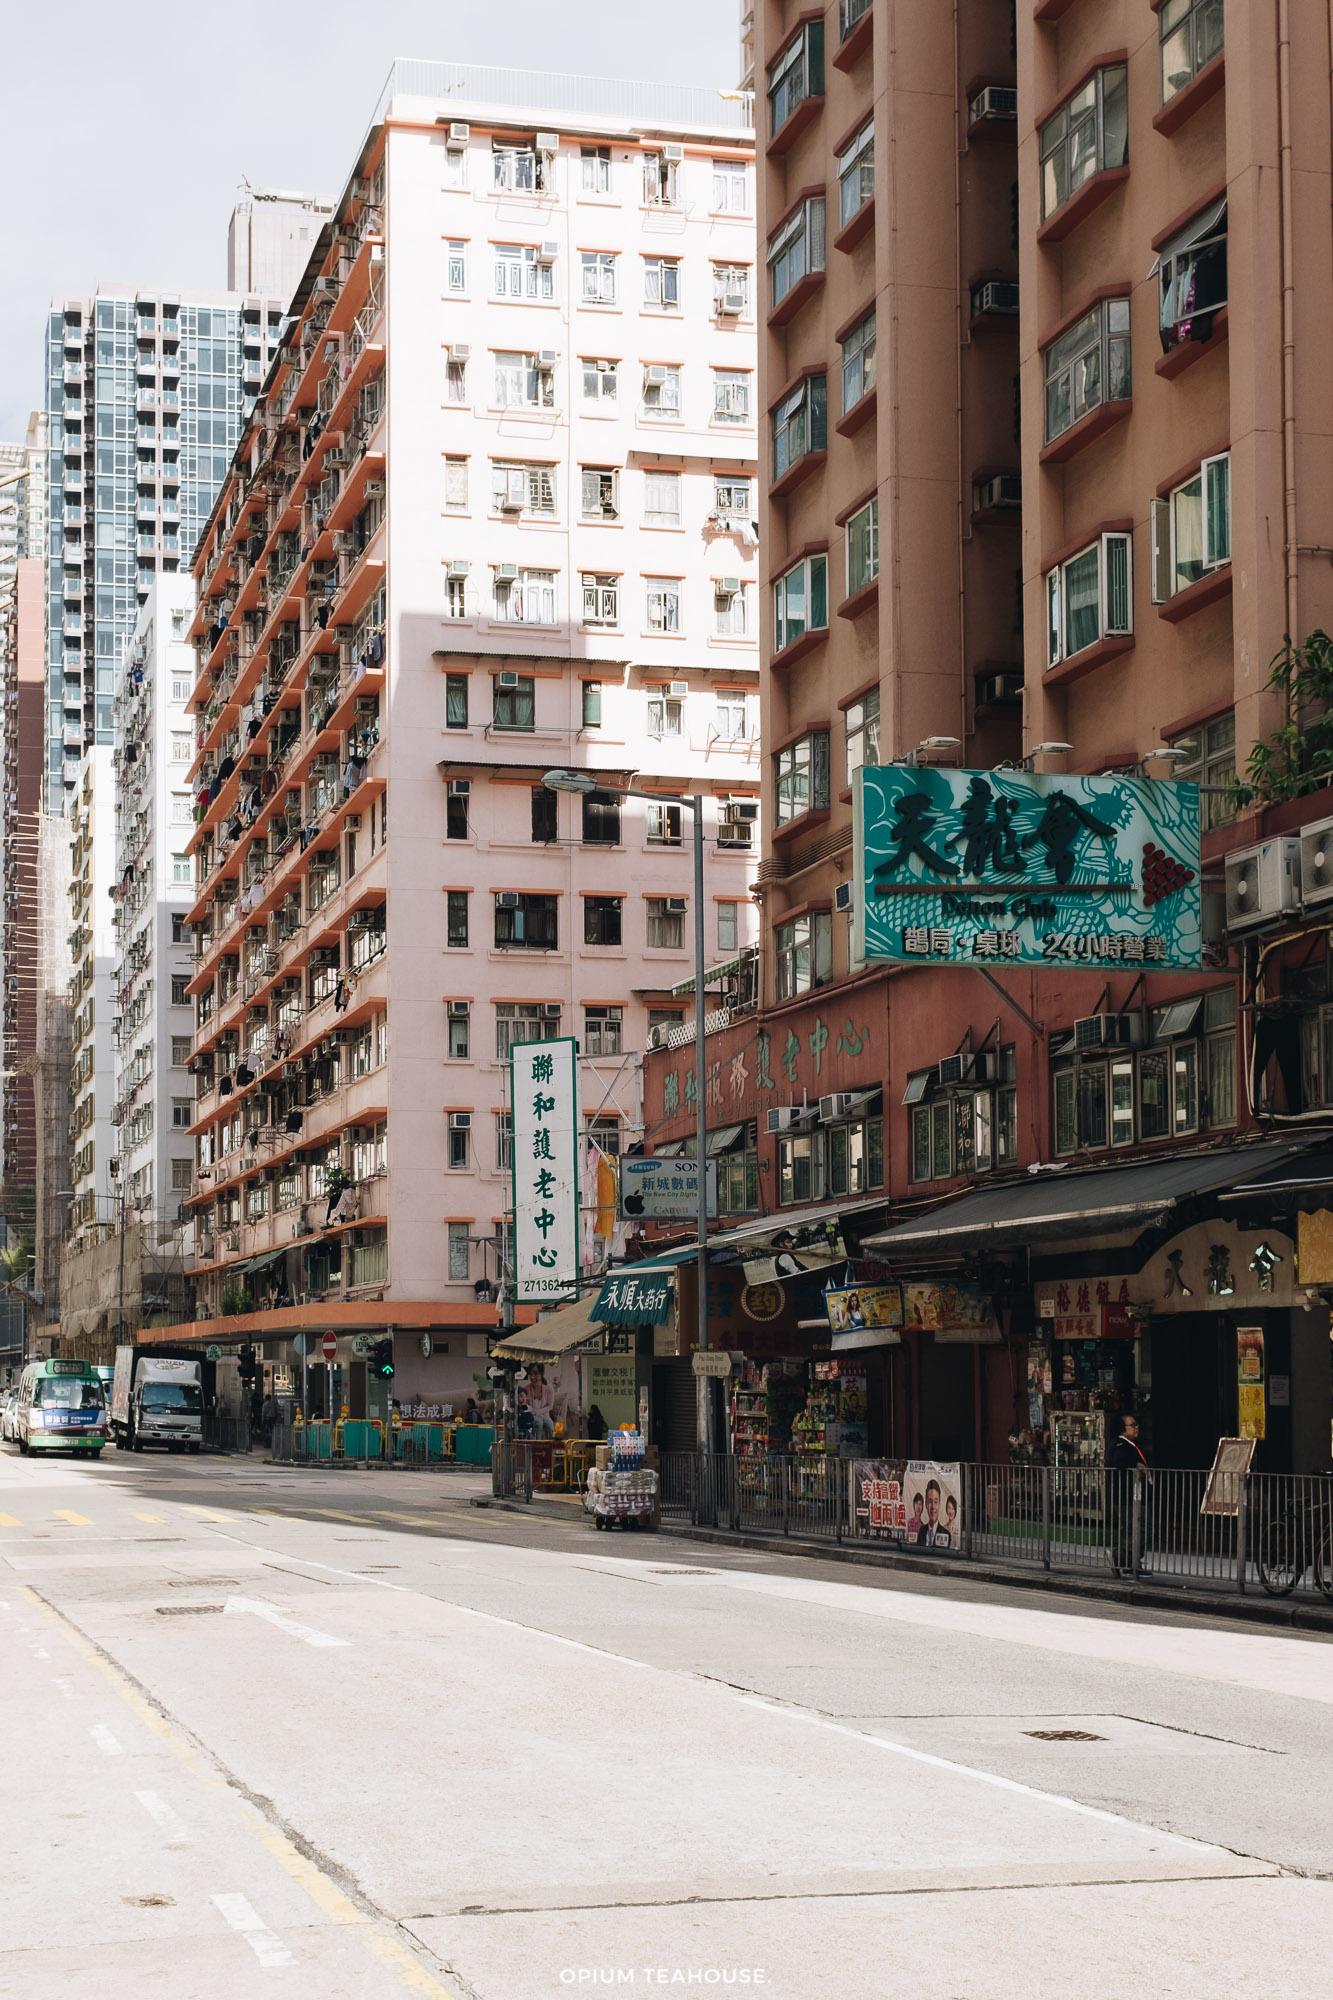 OTH_9988_2017, Hong Kong, Kowloon.jpg